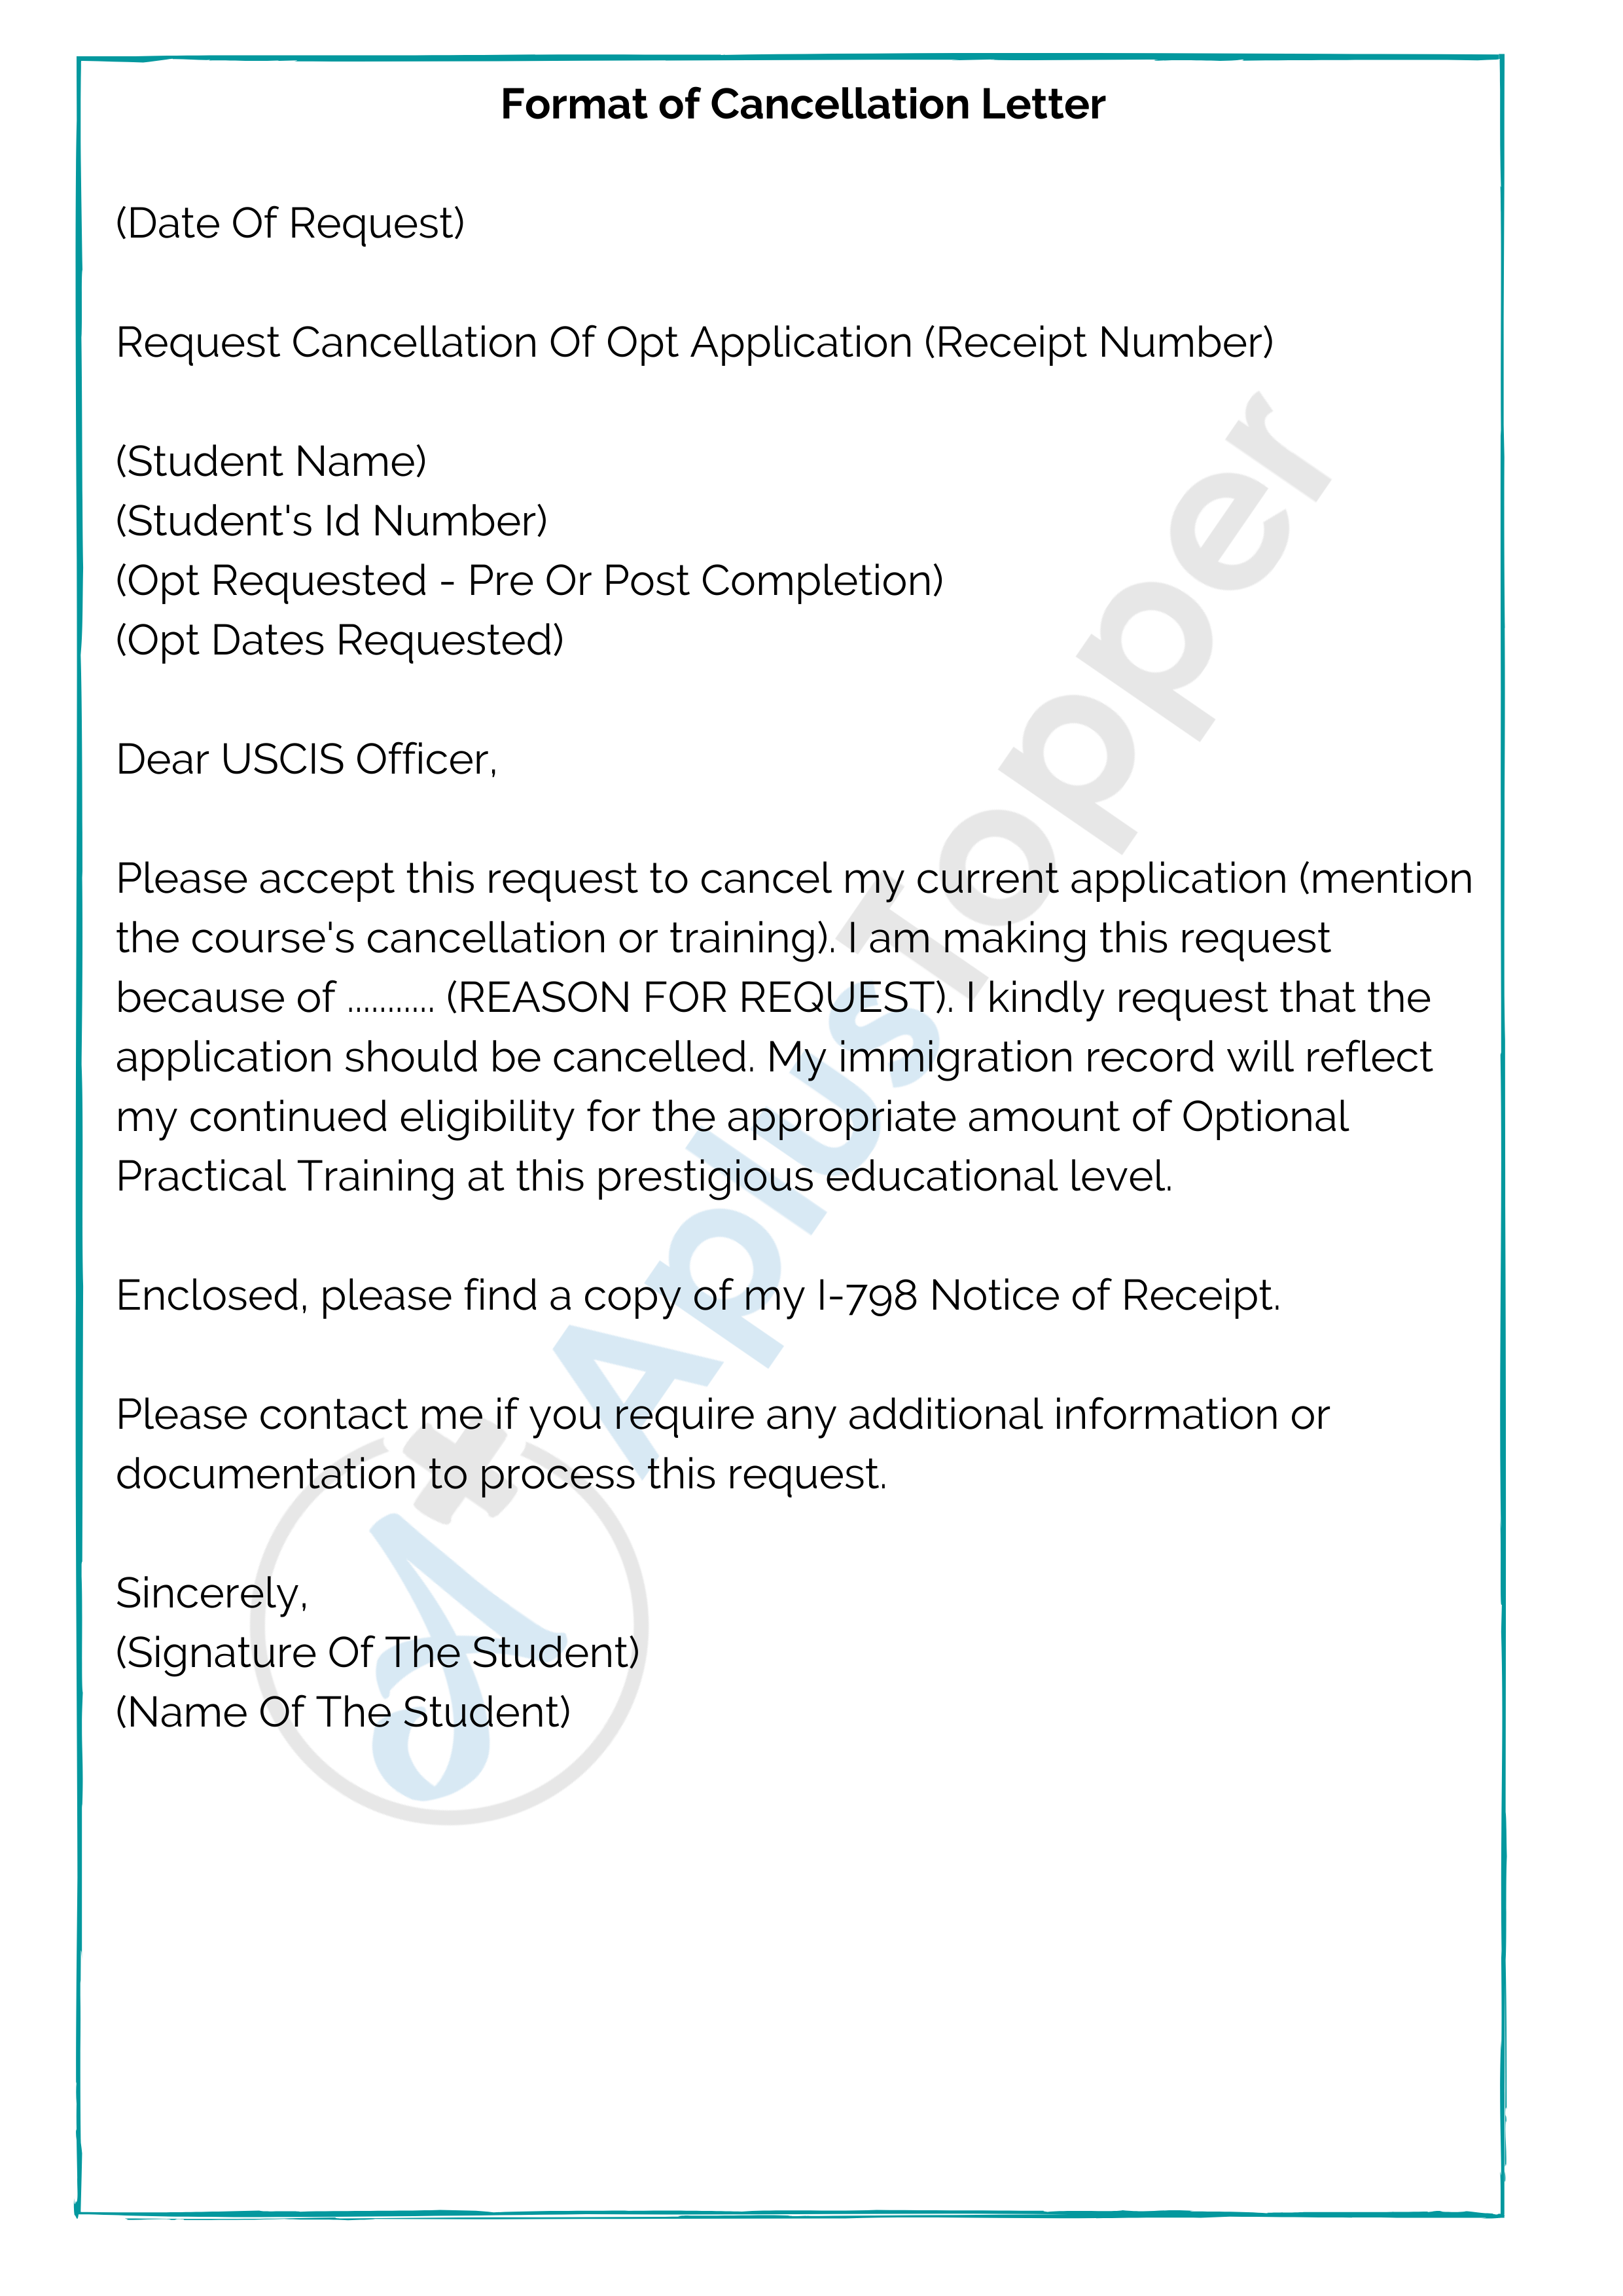 Format of Cancelation Letter